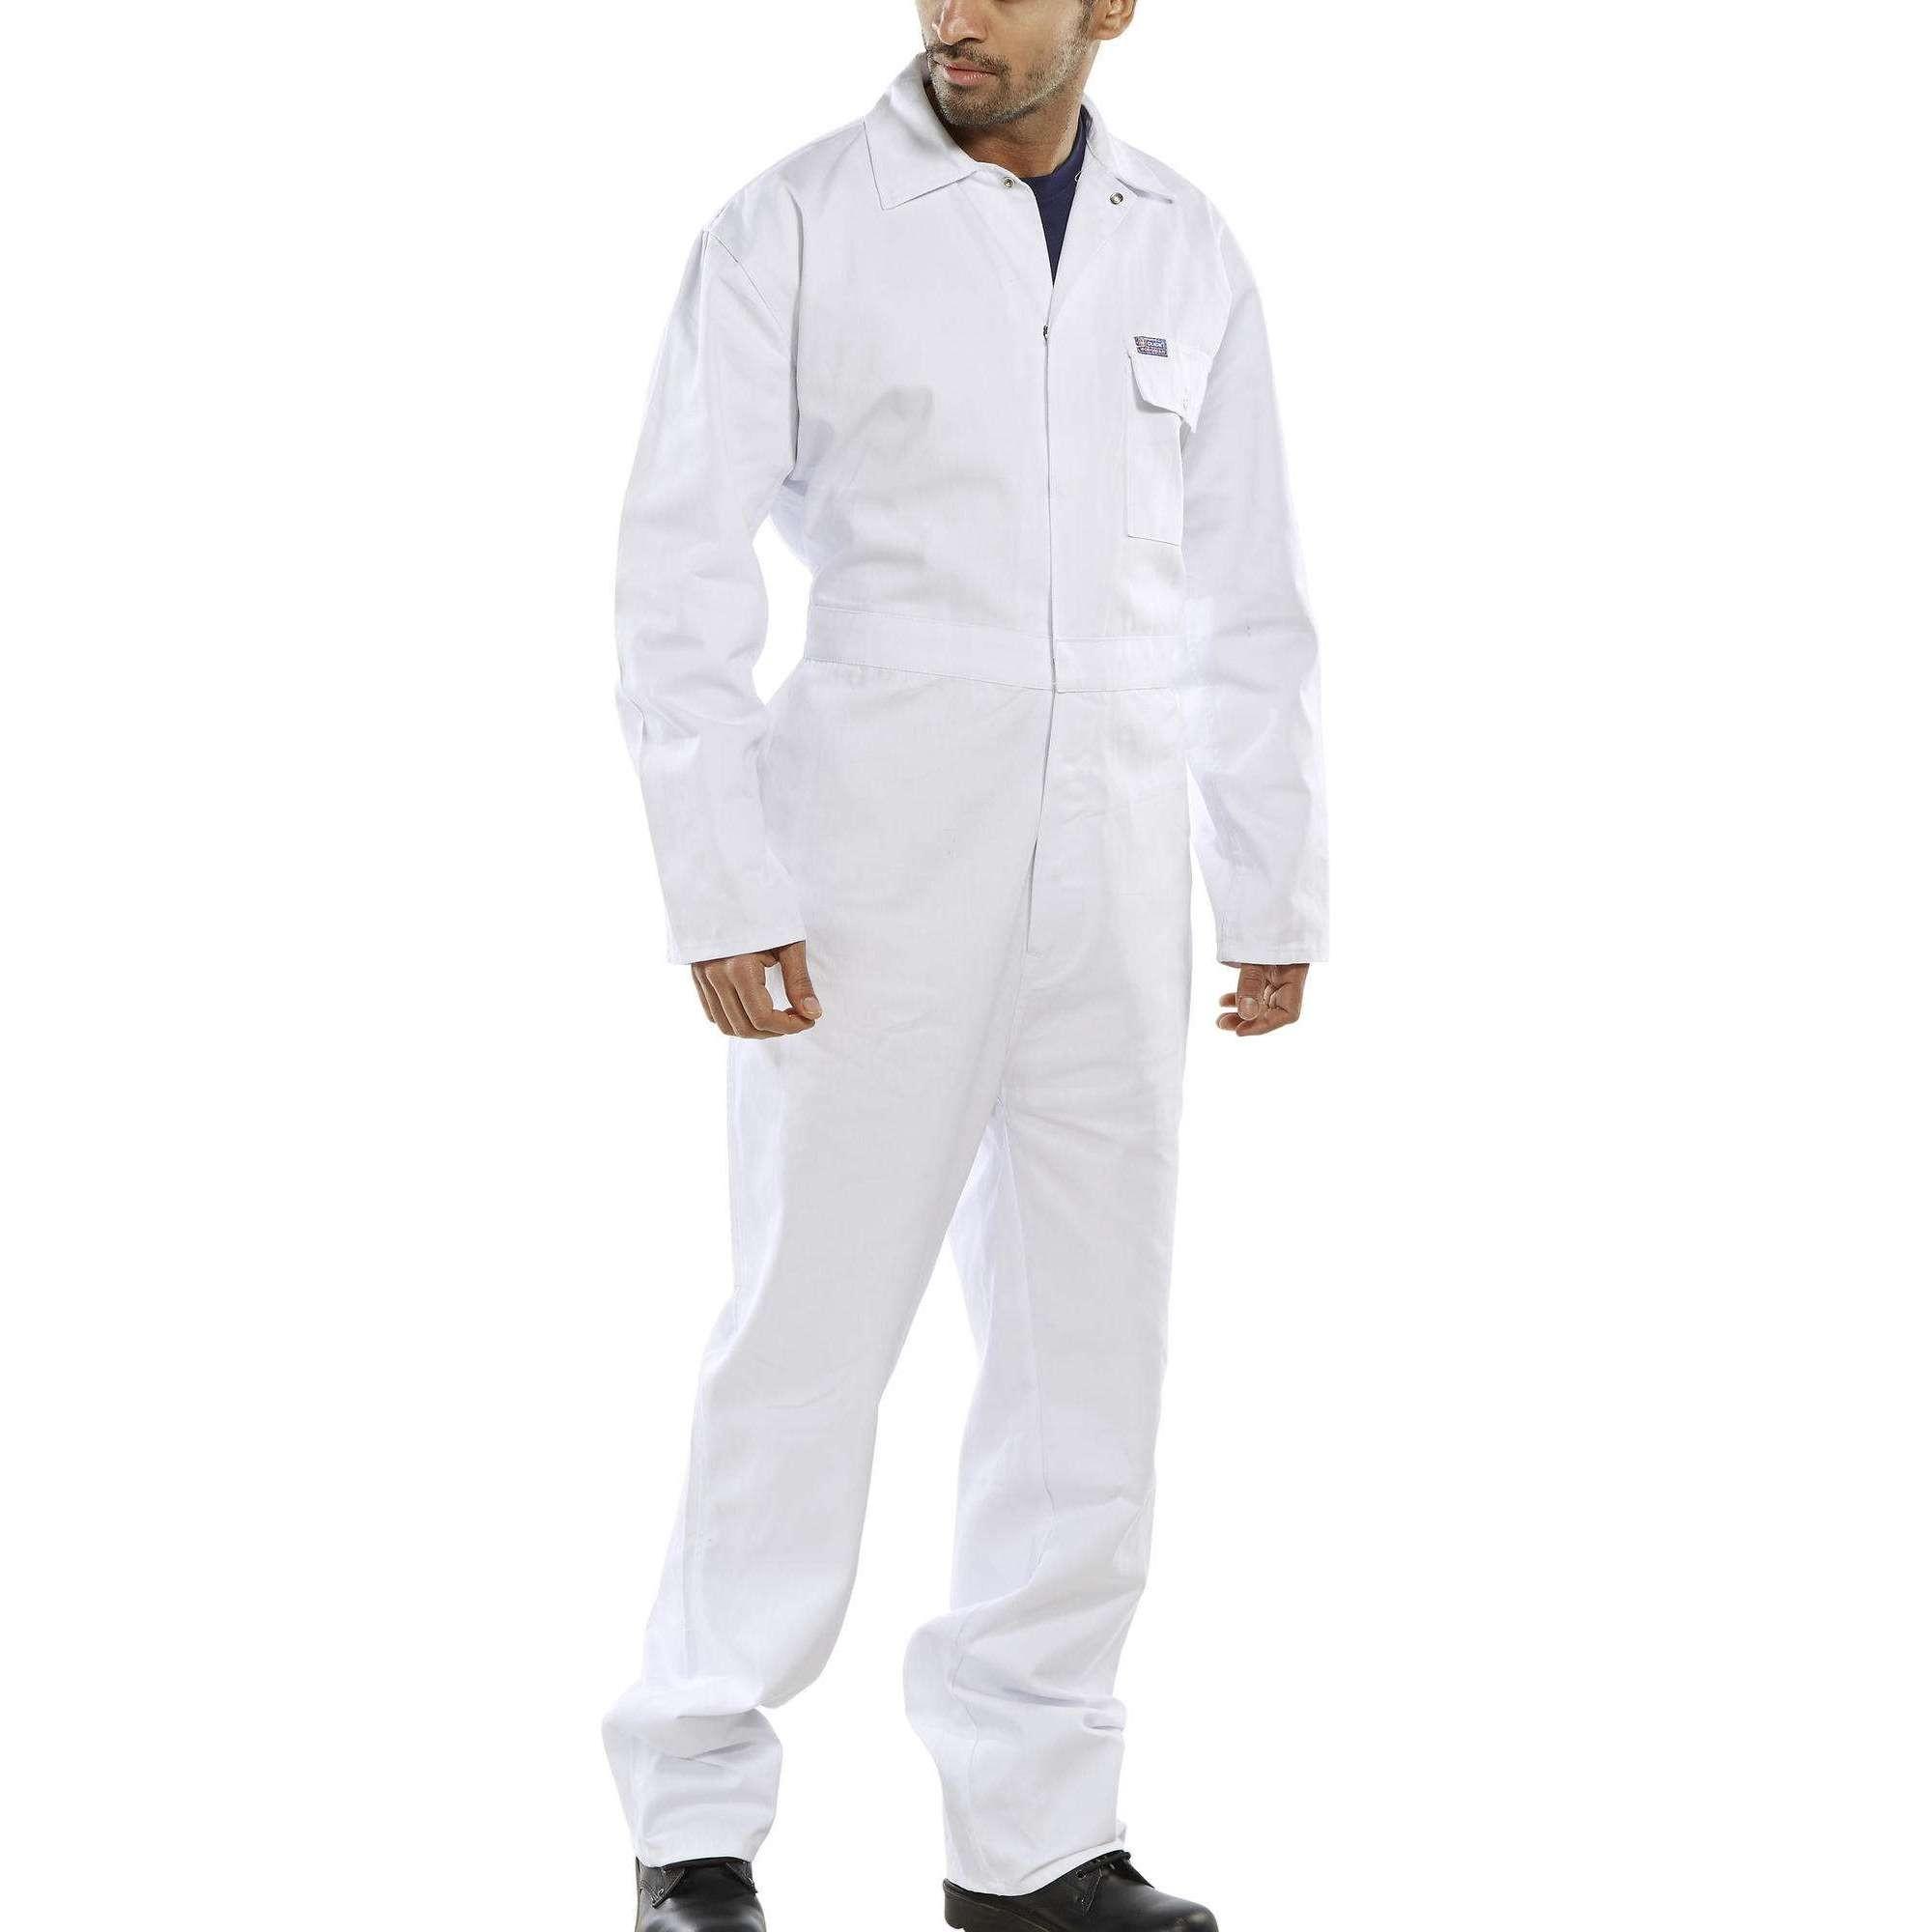 White Cotton Drill Coverall